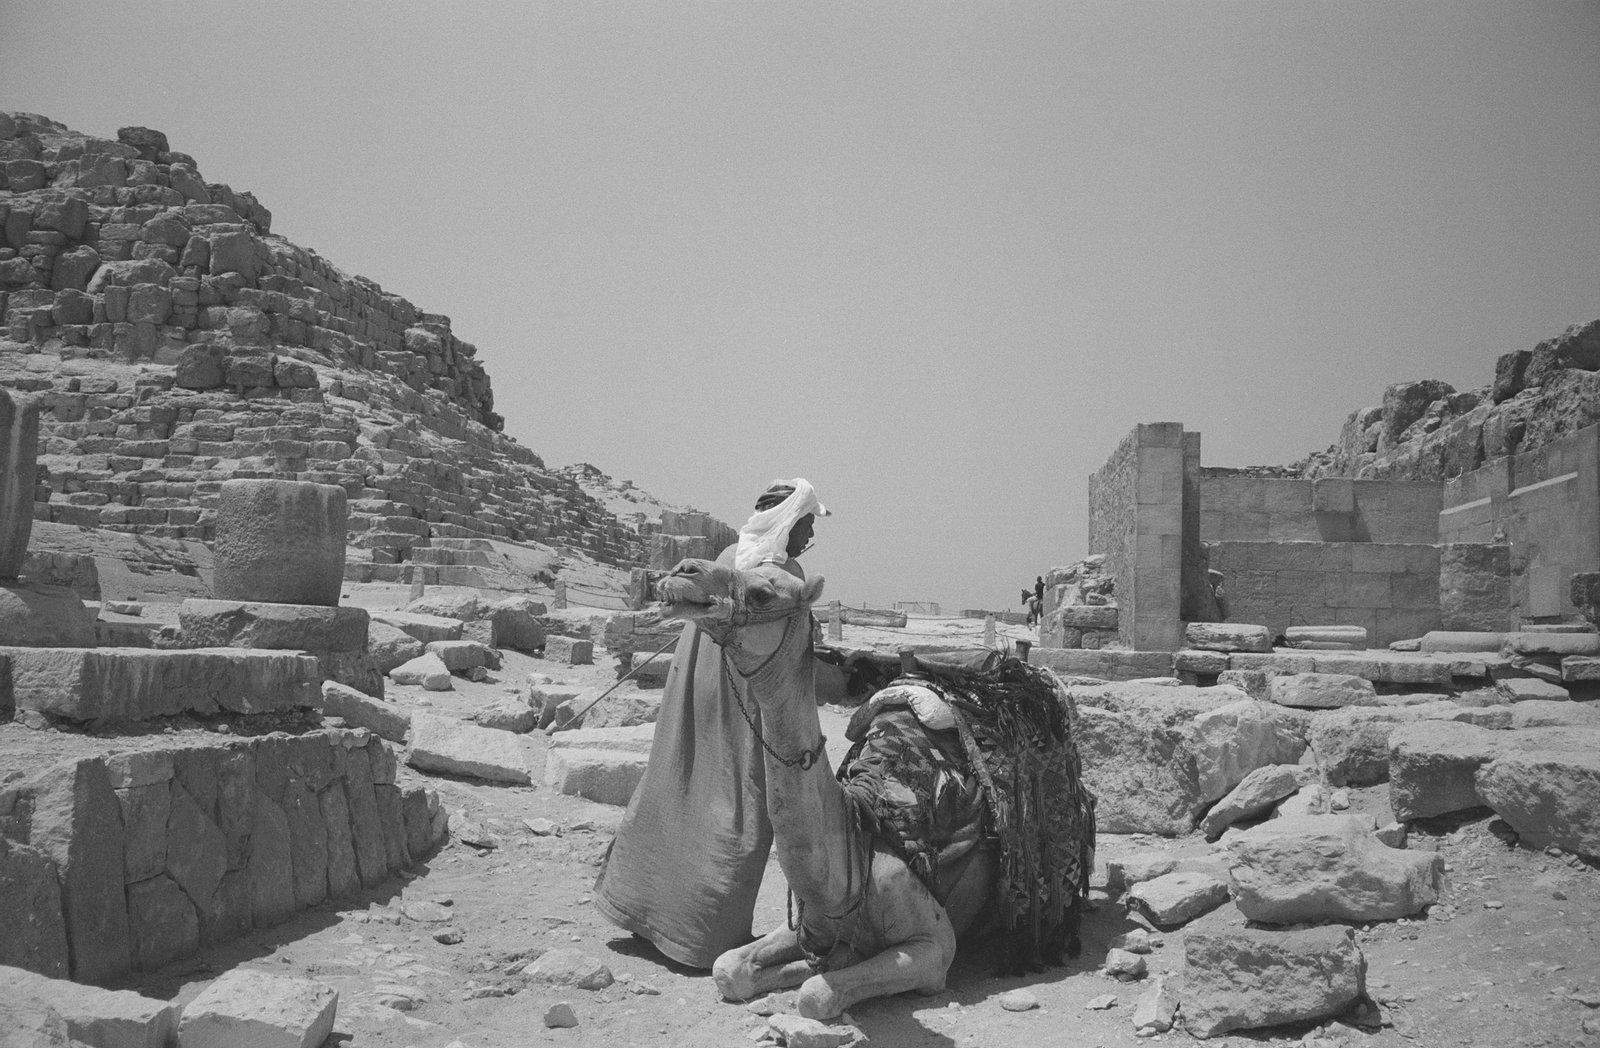 photographie en noir et blanc d'un homme avec son dromadaire au milieu du desert